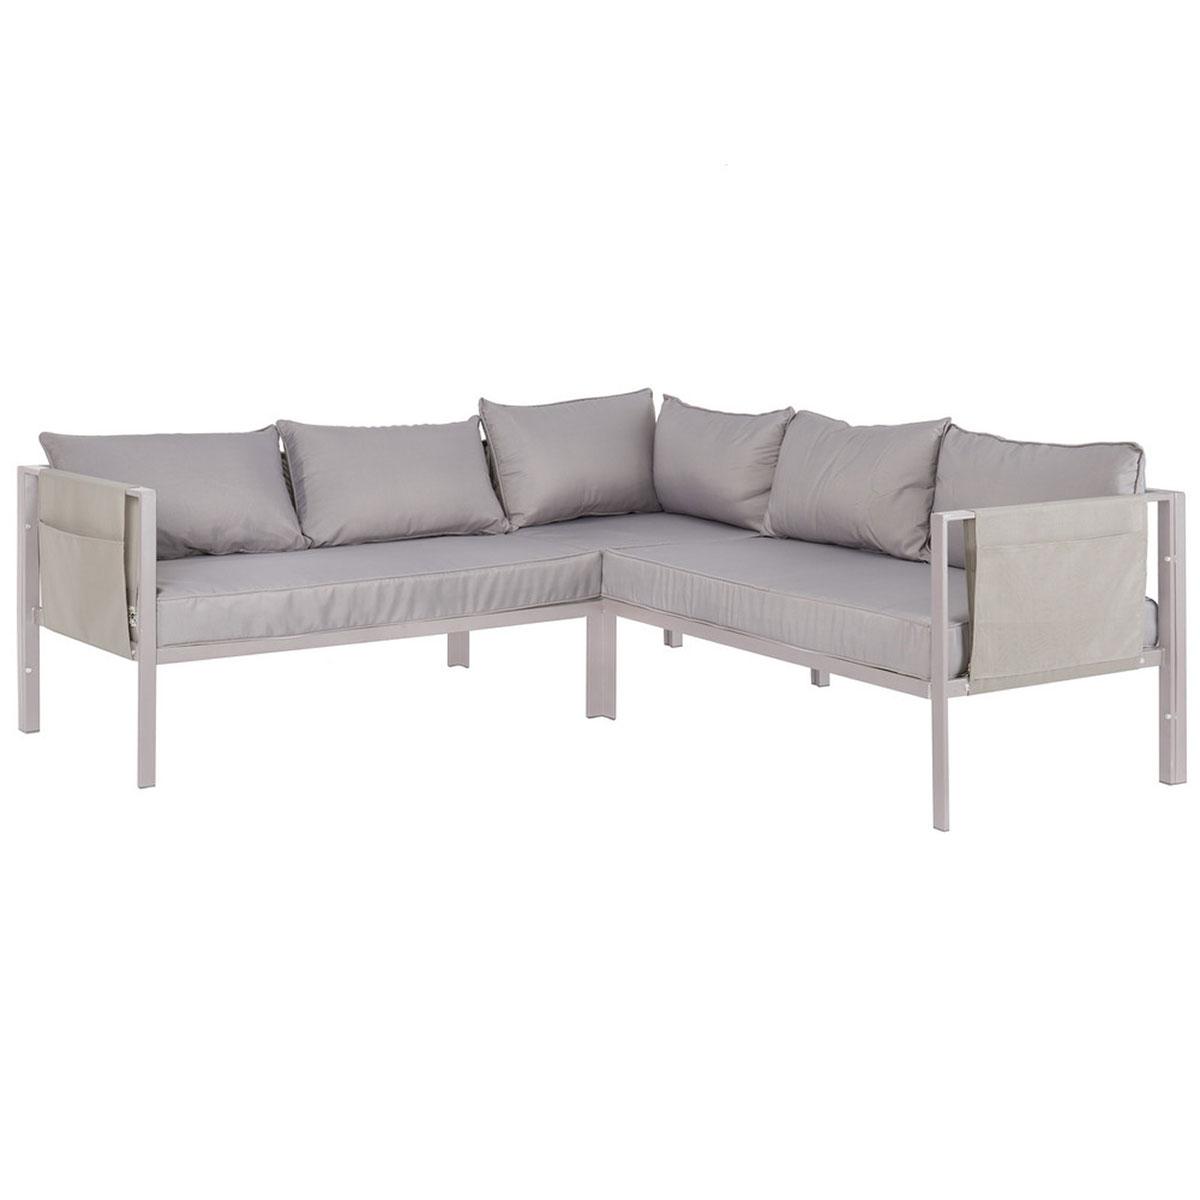 Canapé d'angle avec portes revues - Gris - 195.00 cm x 195.00 cm x 72.00 cm